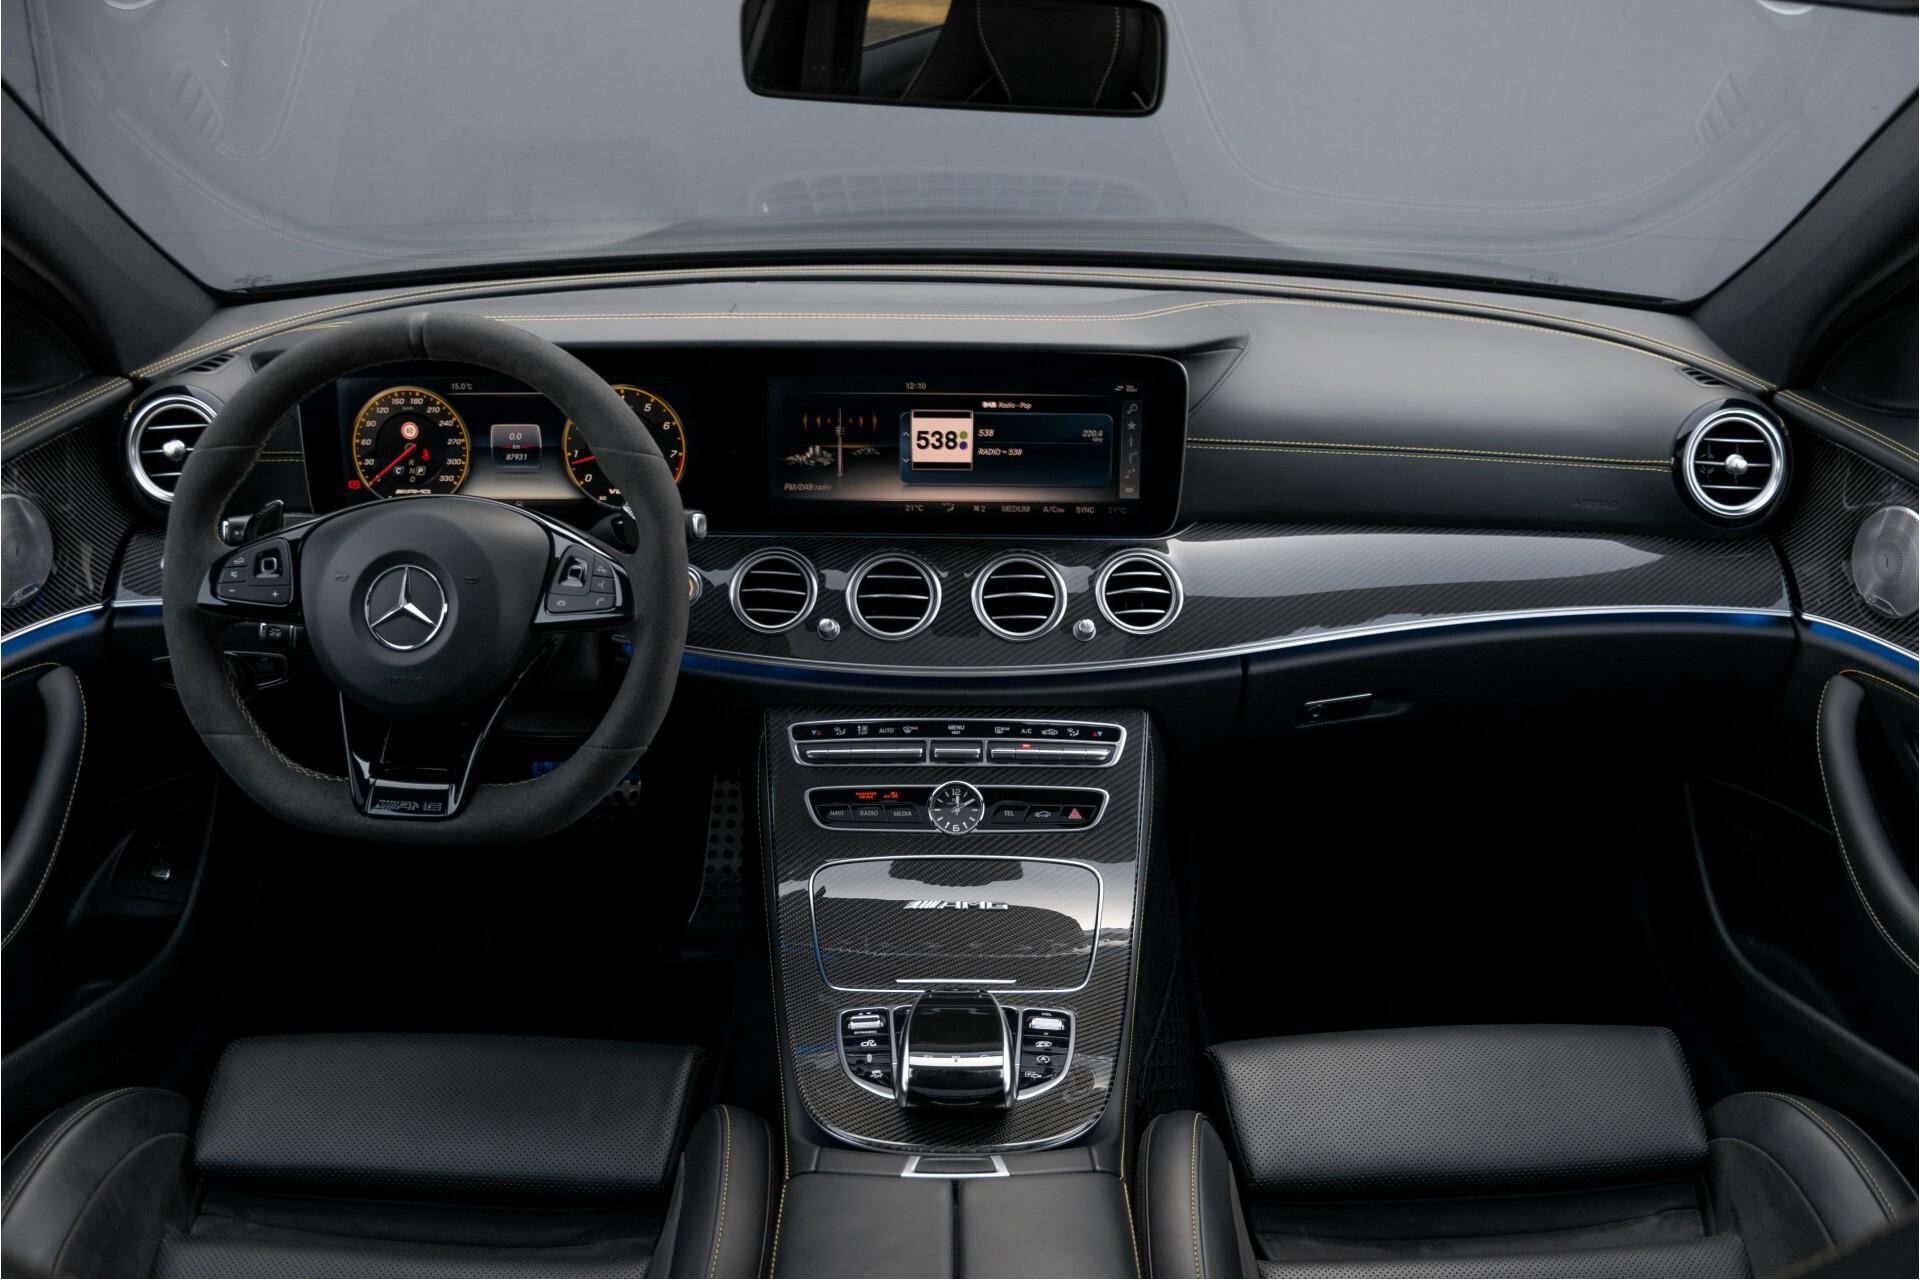 Mercedes-Benz E-Klasse 63 S AMG 4-Matic+ Edition 1 Matzwart/Carbon/Full Options Aut9 Foto 8